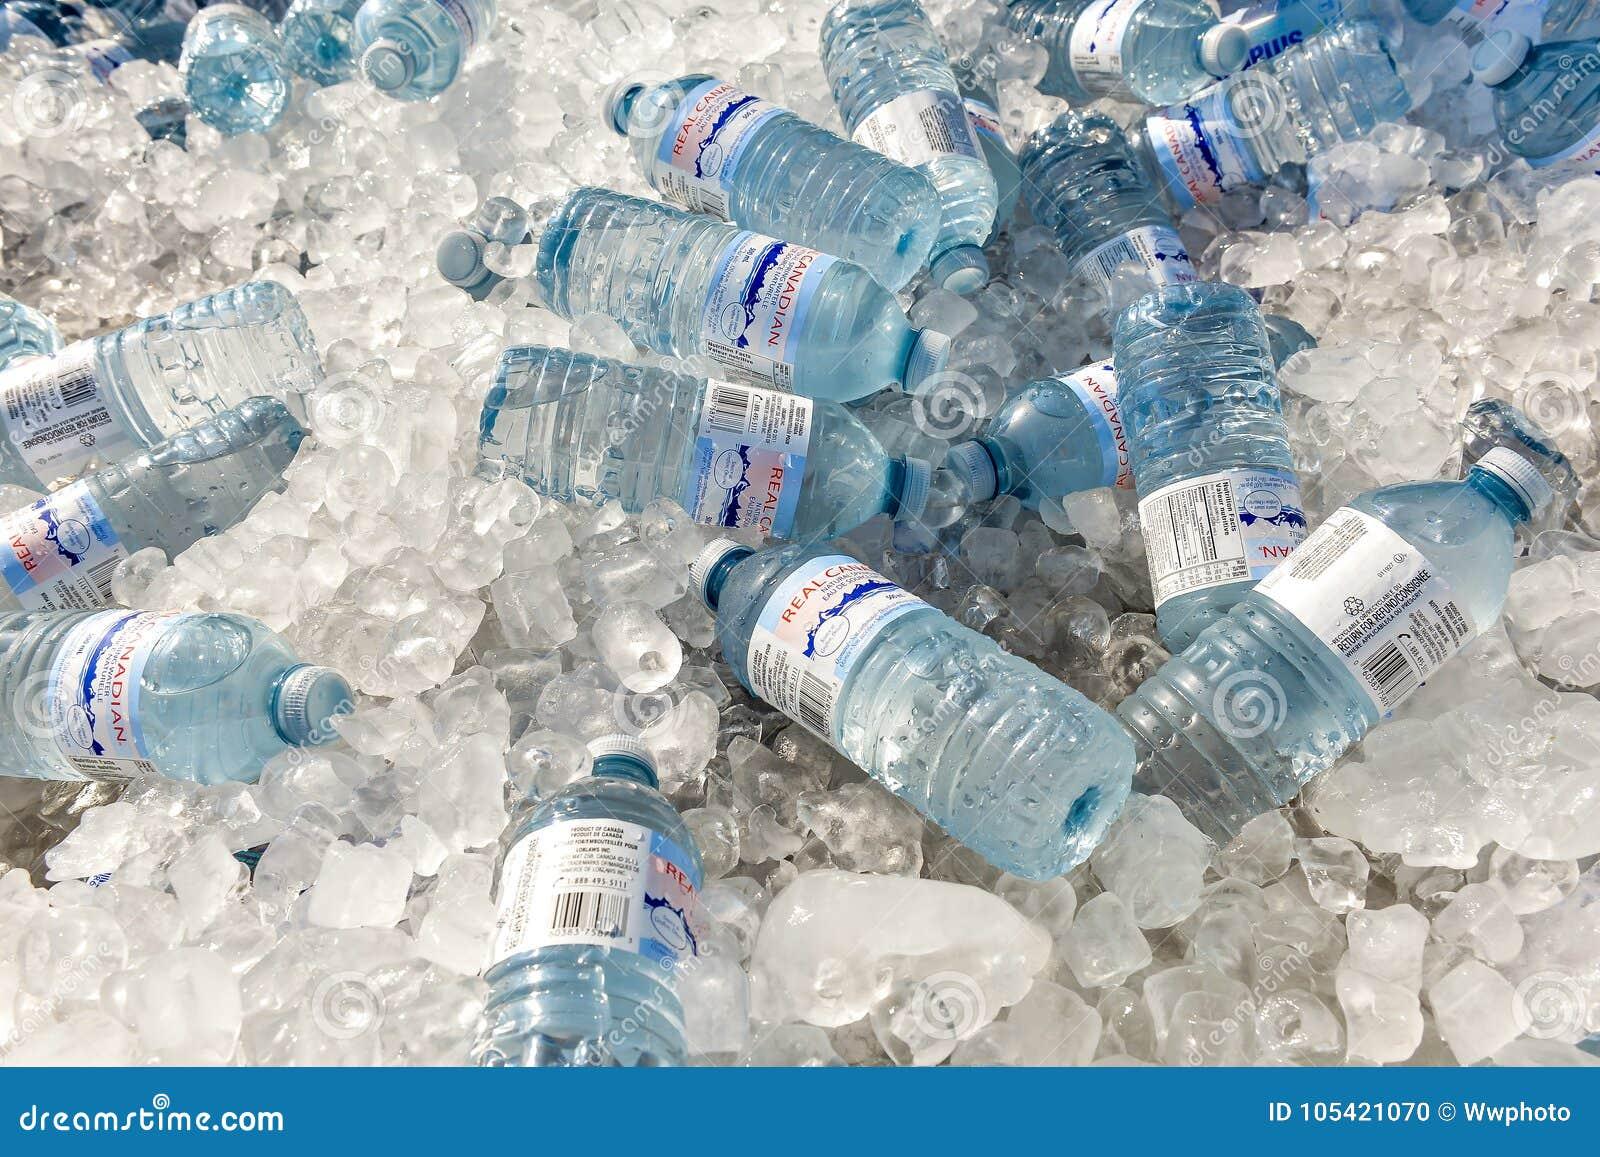 Μπουκάλι νερό στον πάγο